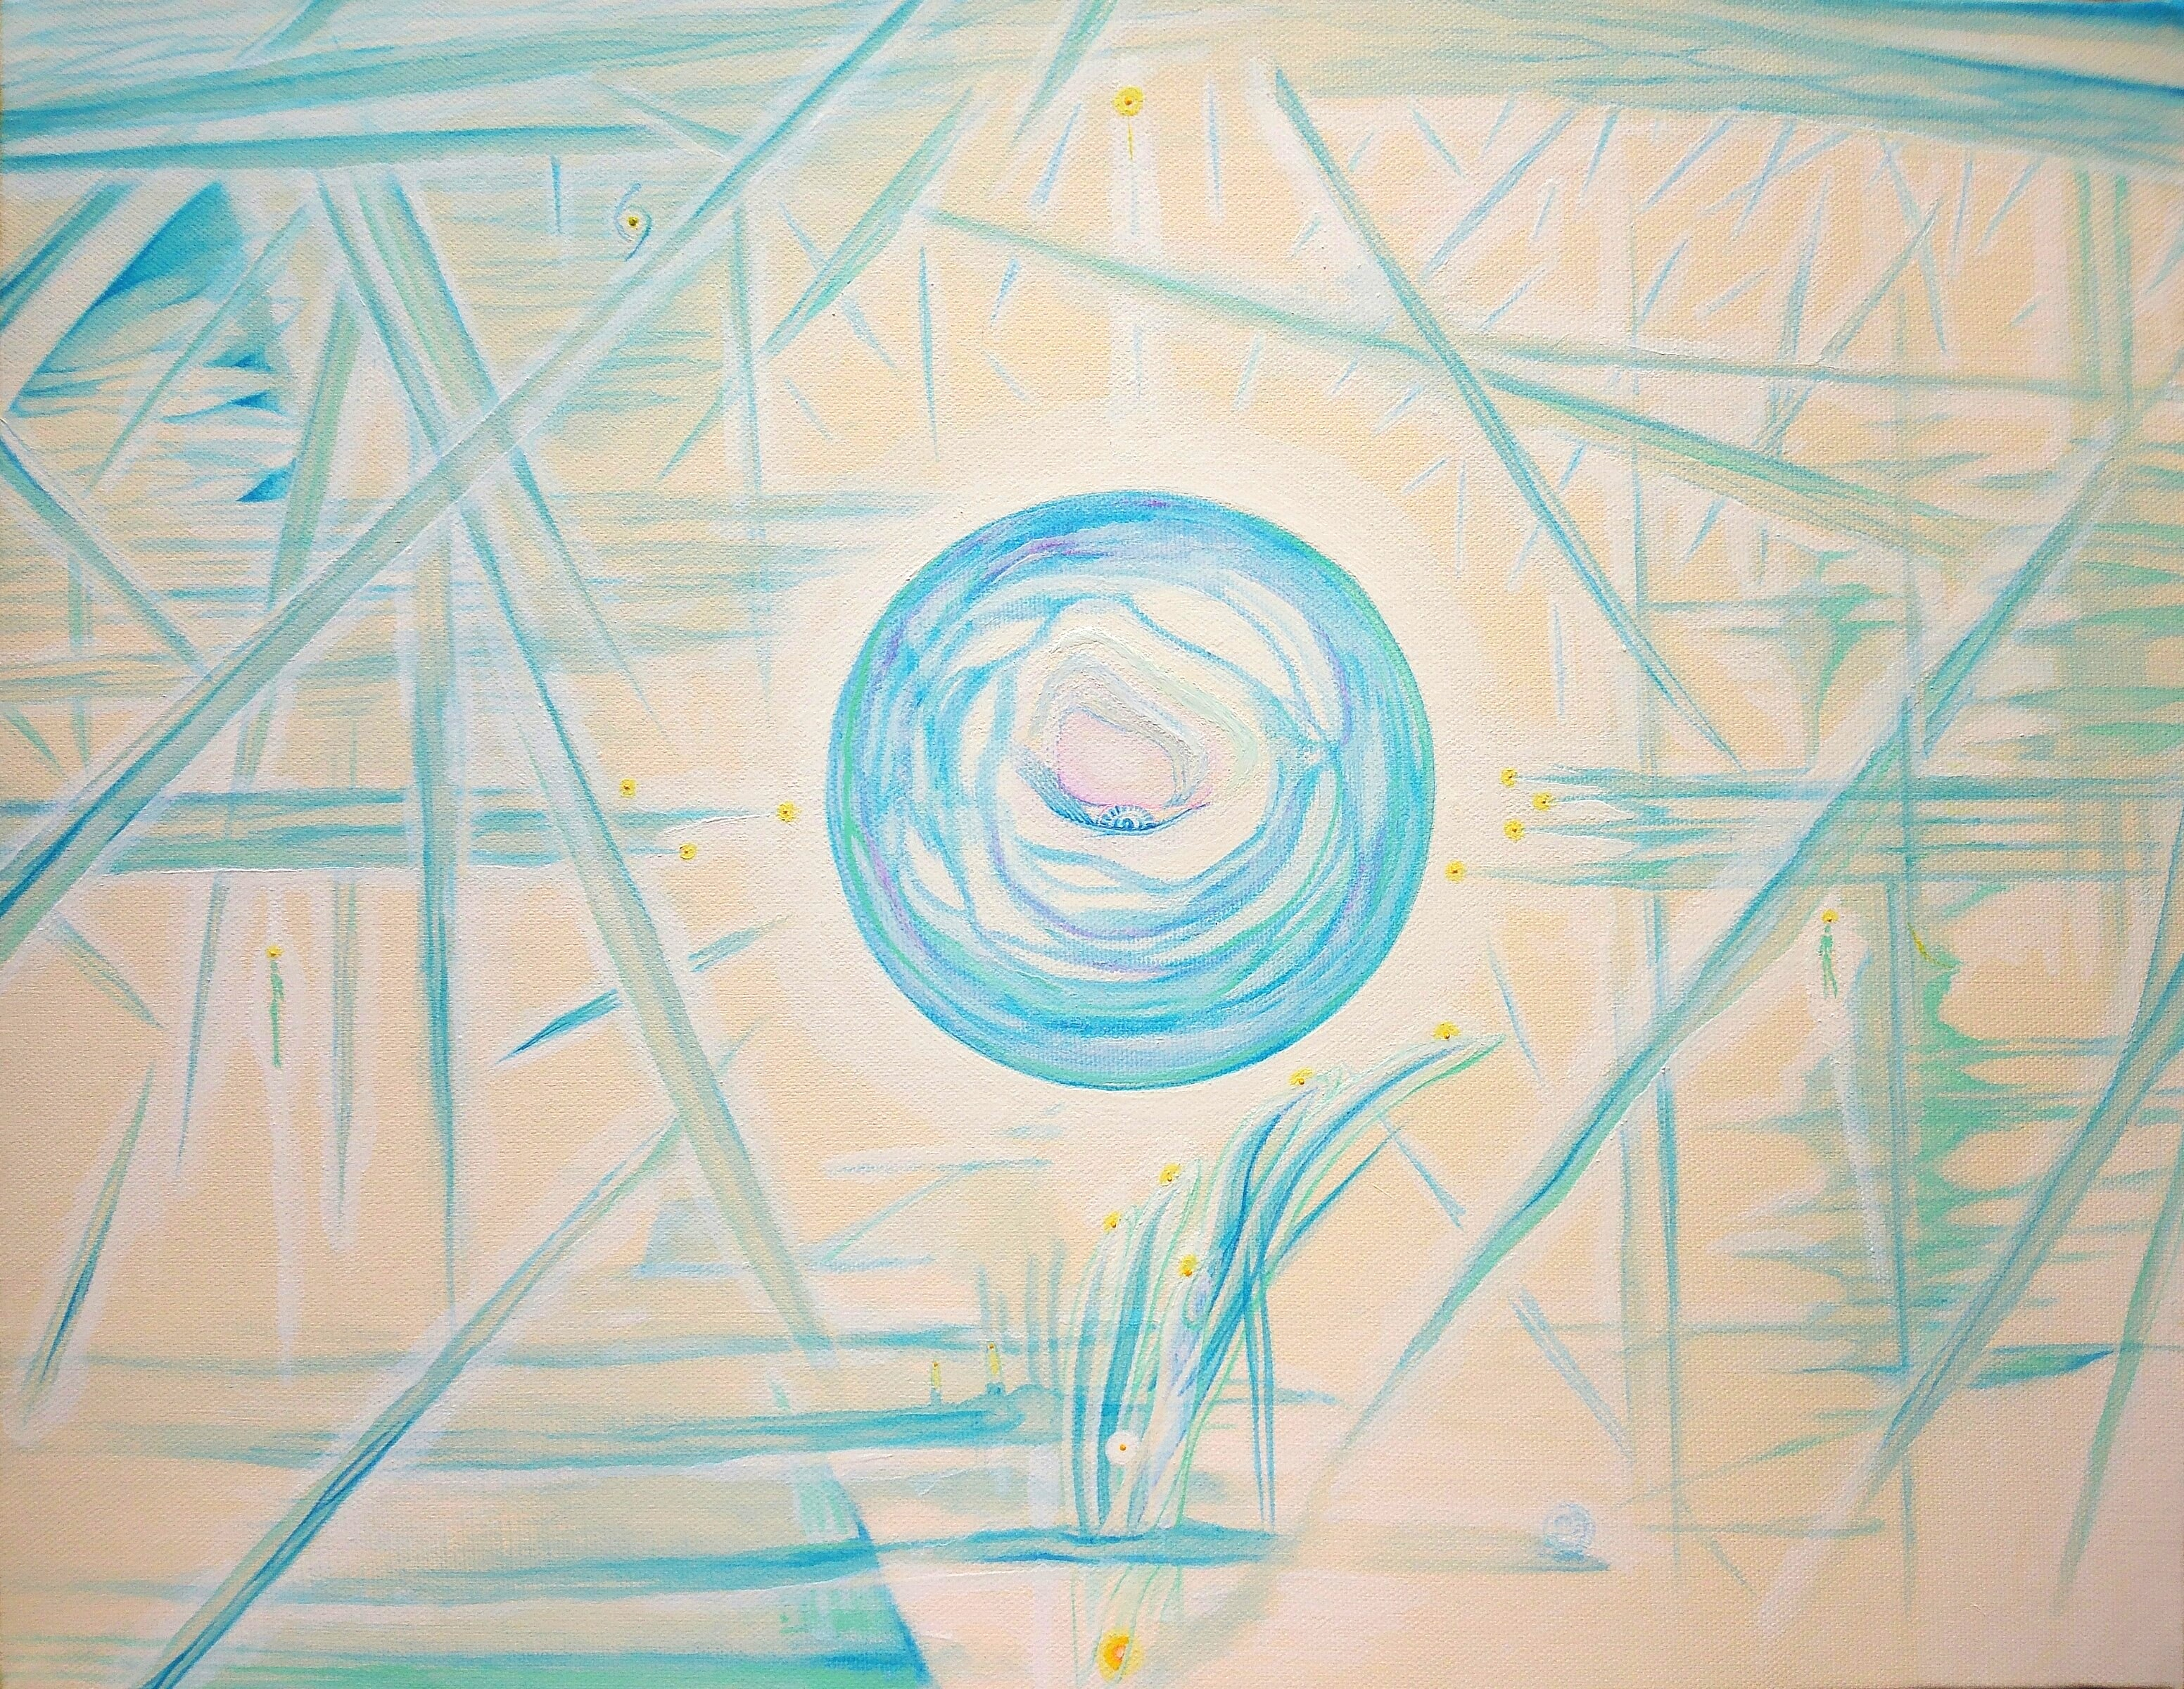 ガイア=ムー次元(光の次元)から見た地球